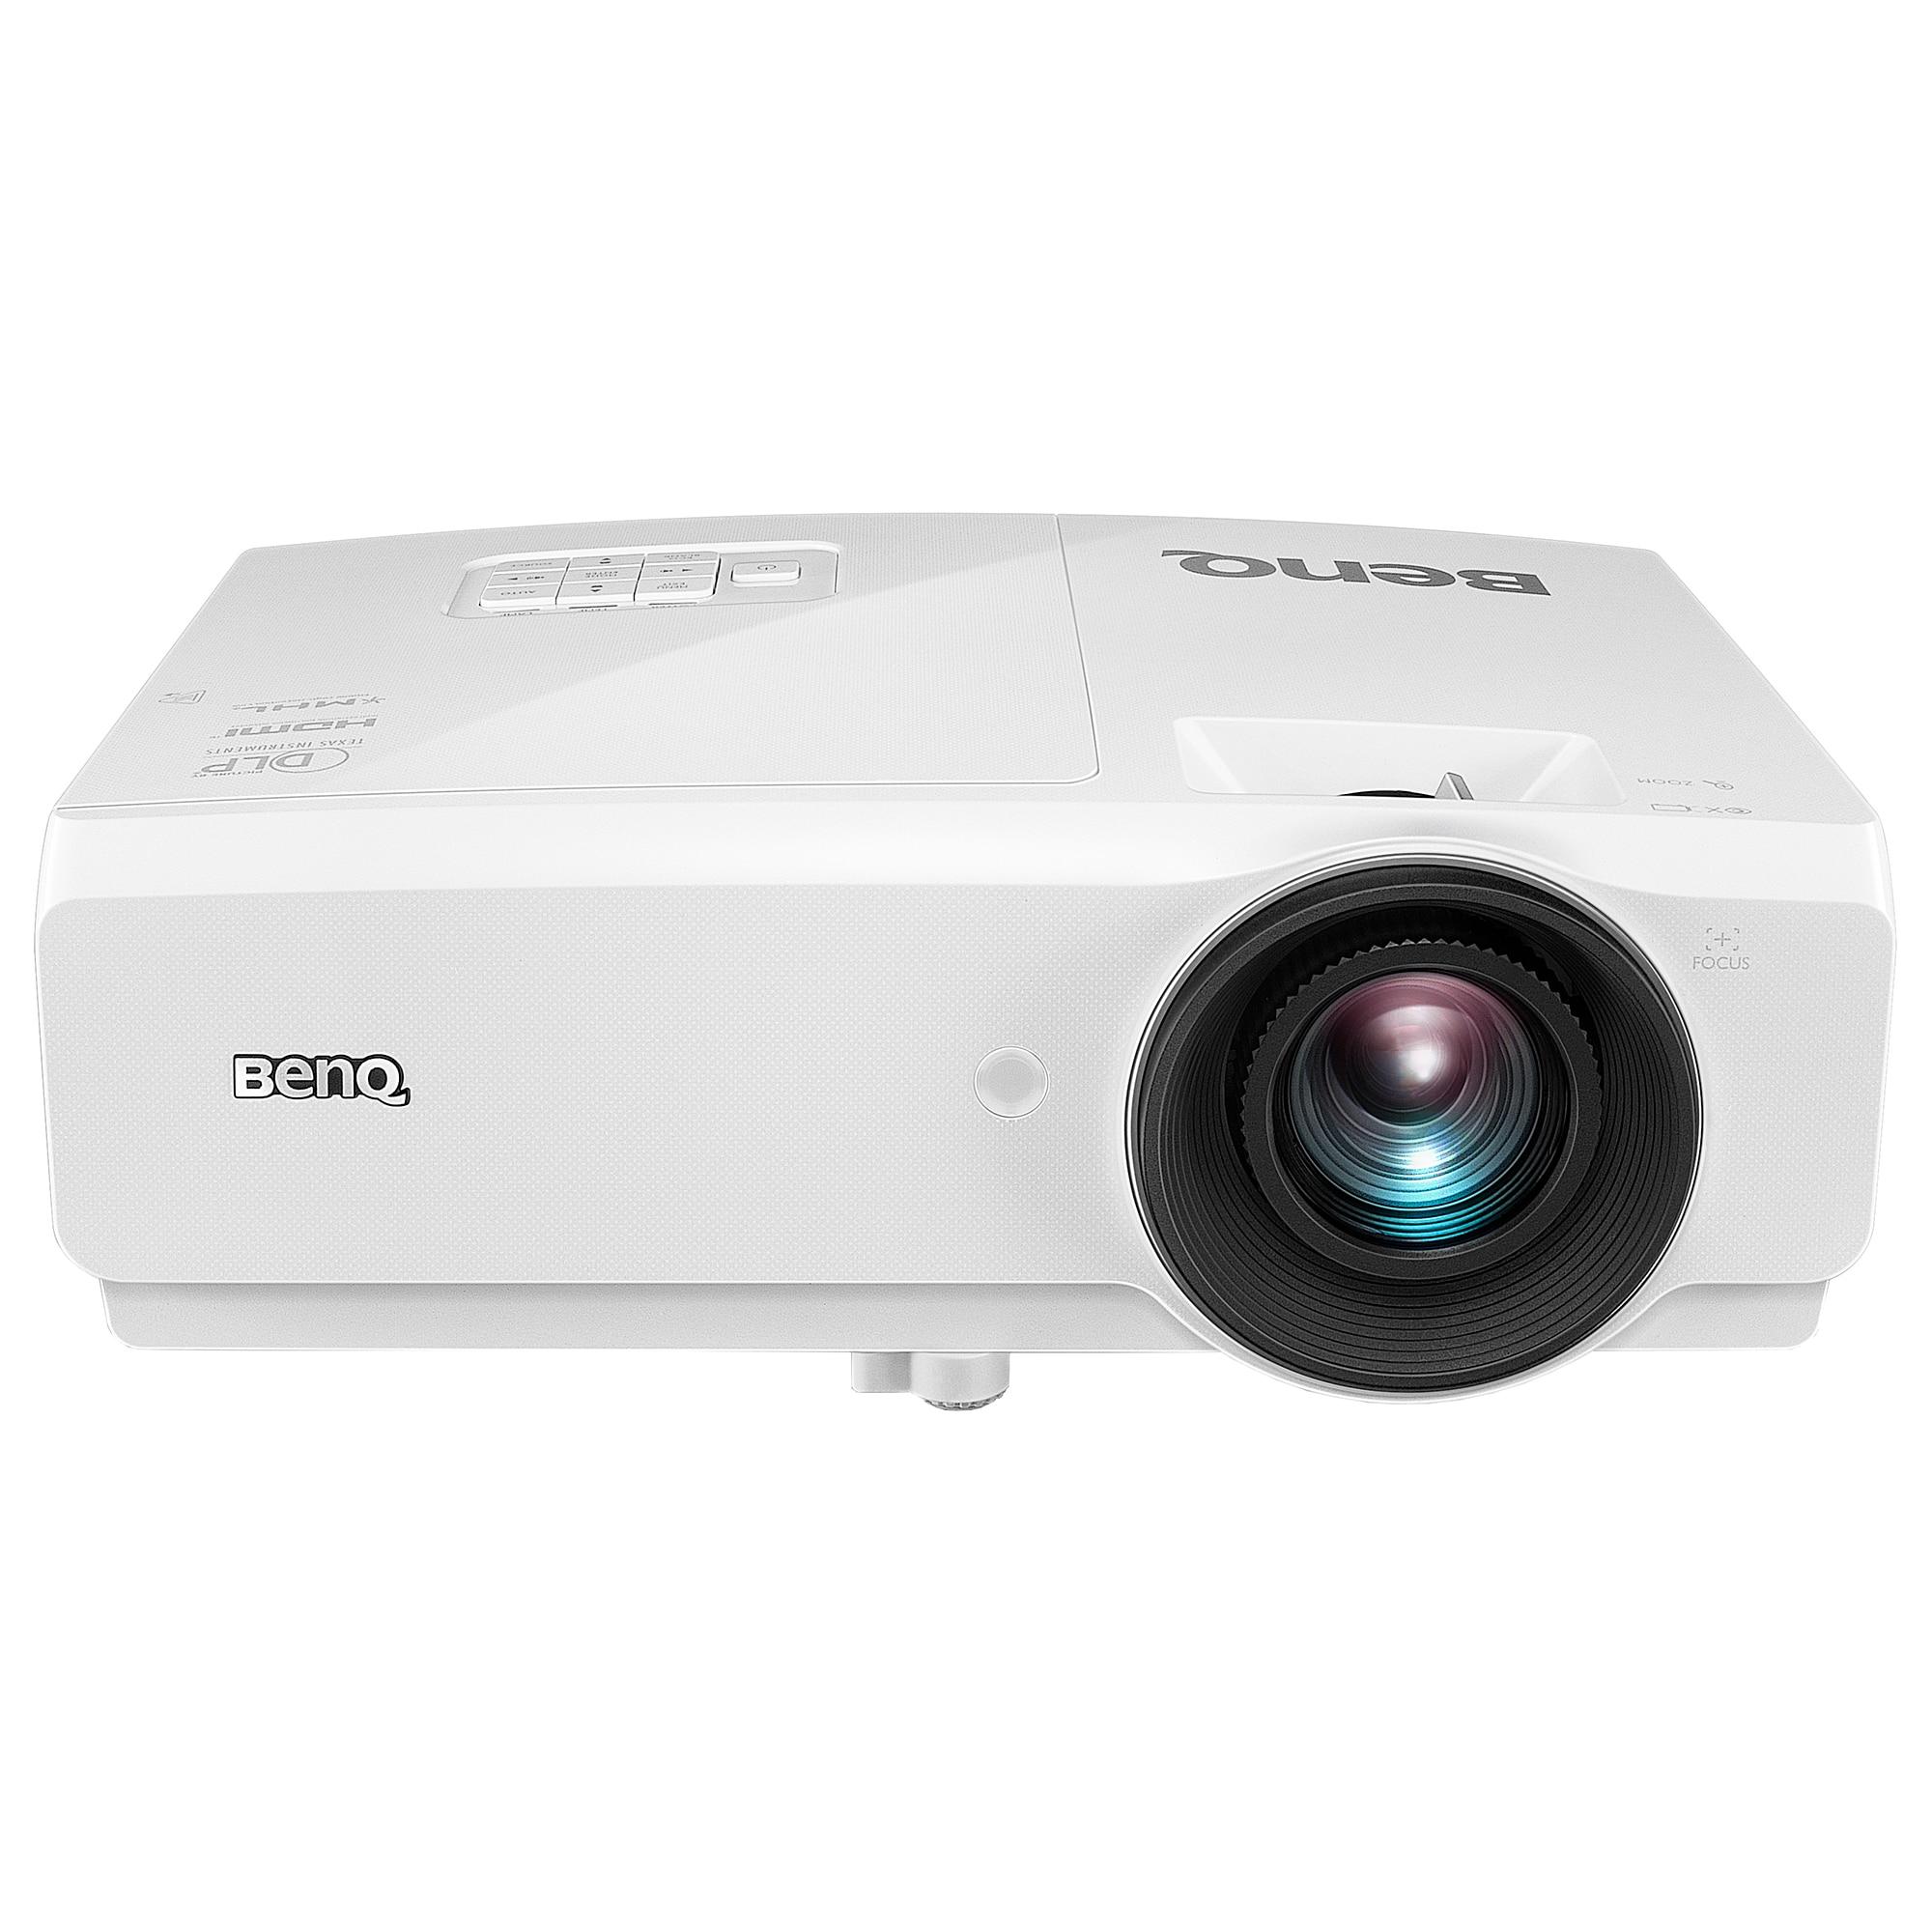 Fotografie Videoproiector BenQ SX751, XGA, 4300 lumeni, 3D, Alb